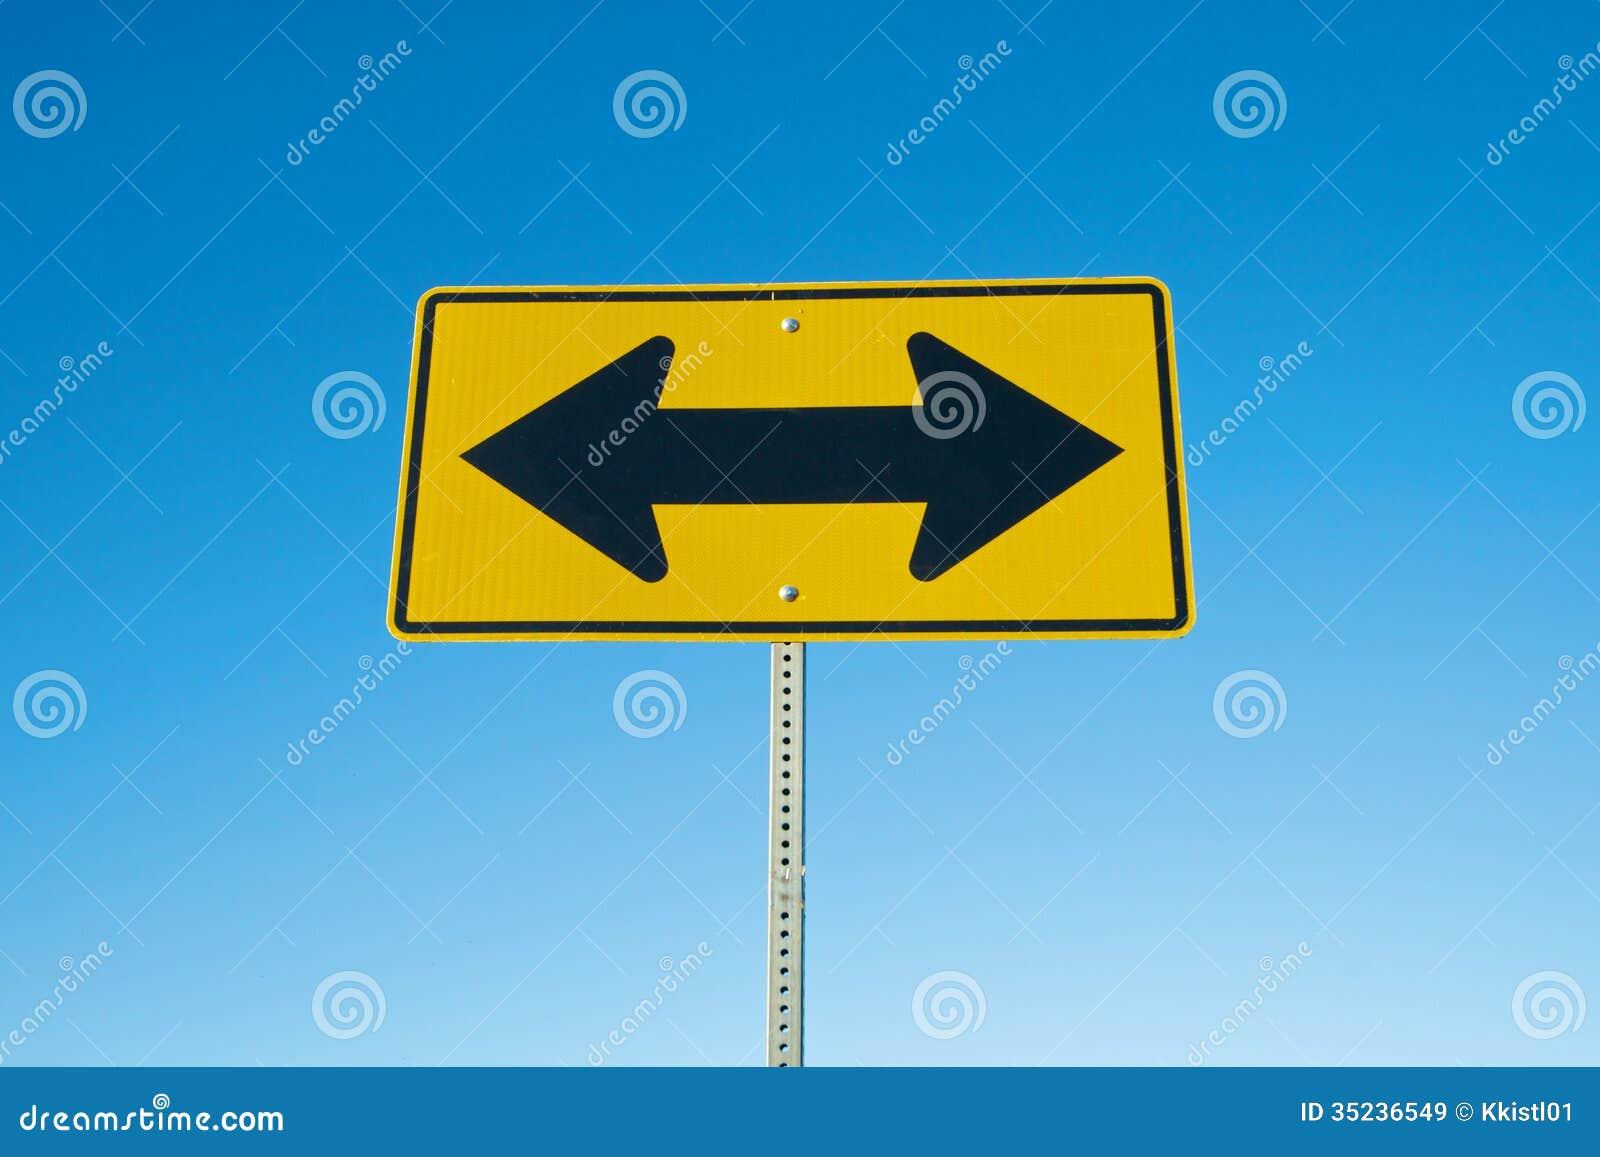 Zwei Pfeil-Verkehrsschild stockbild. Bild von schwarzes - 35236549